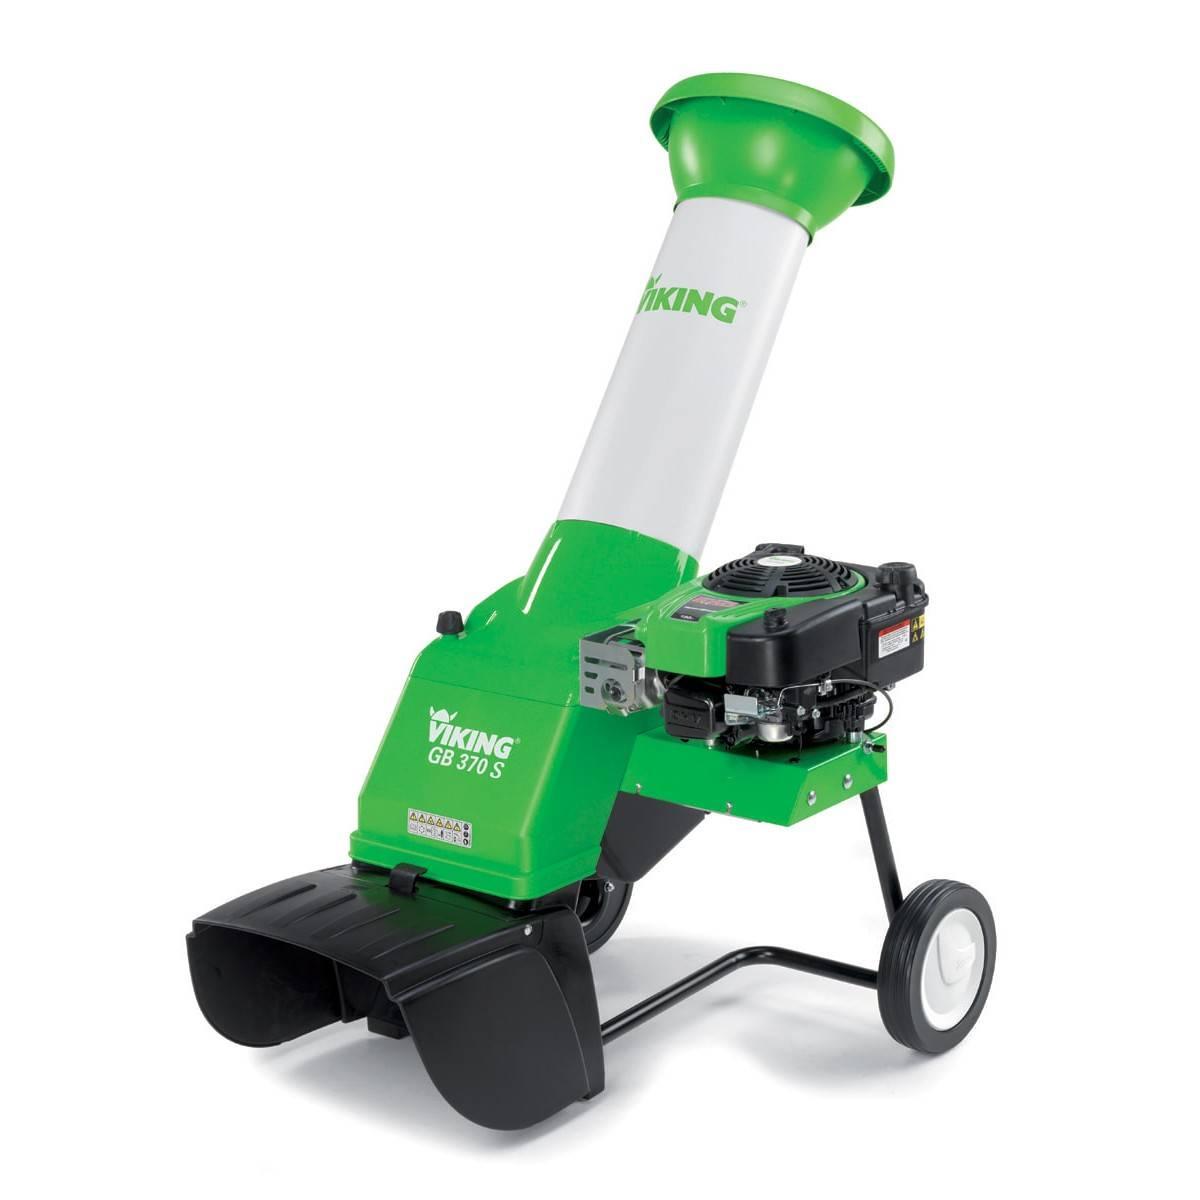 Садовый измельчитель веток и травы: устройство прибора, принцип действия, критерии выбора, рейтинг лучших моделей, как сделать самому